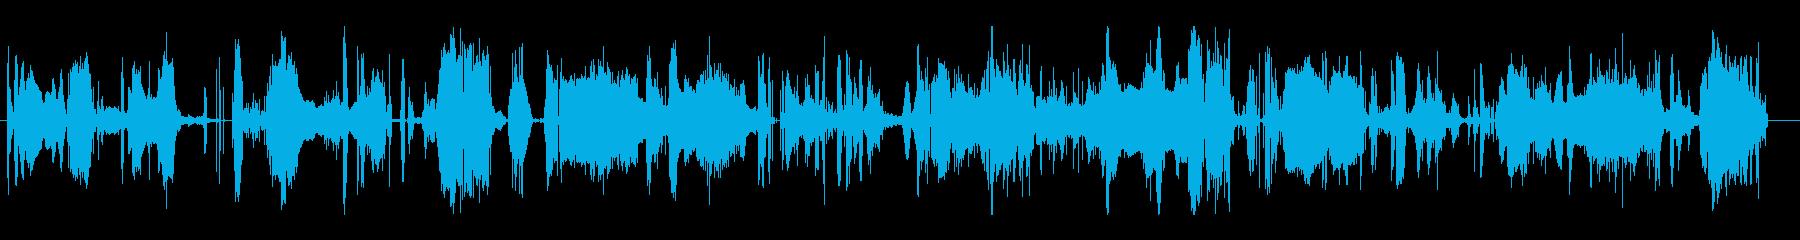 PHANTOM PHART PHA...の再生済みの波形